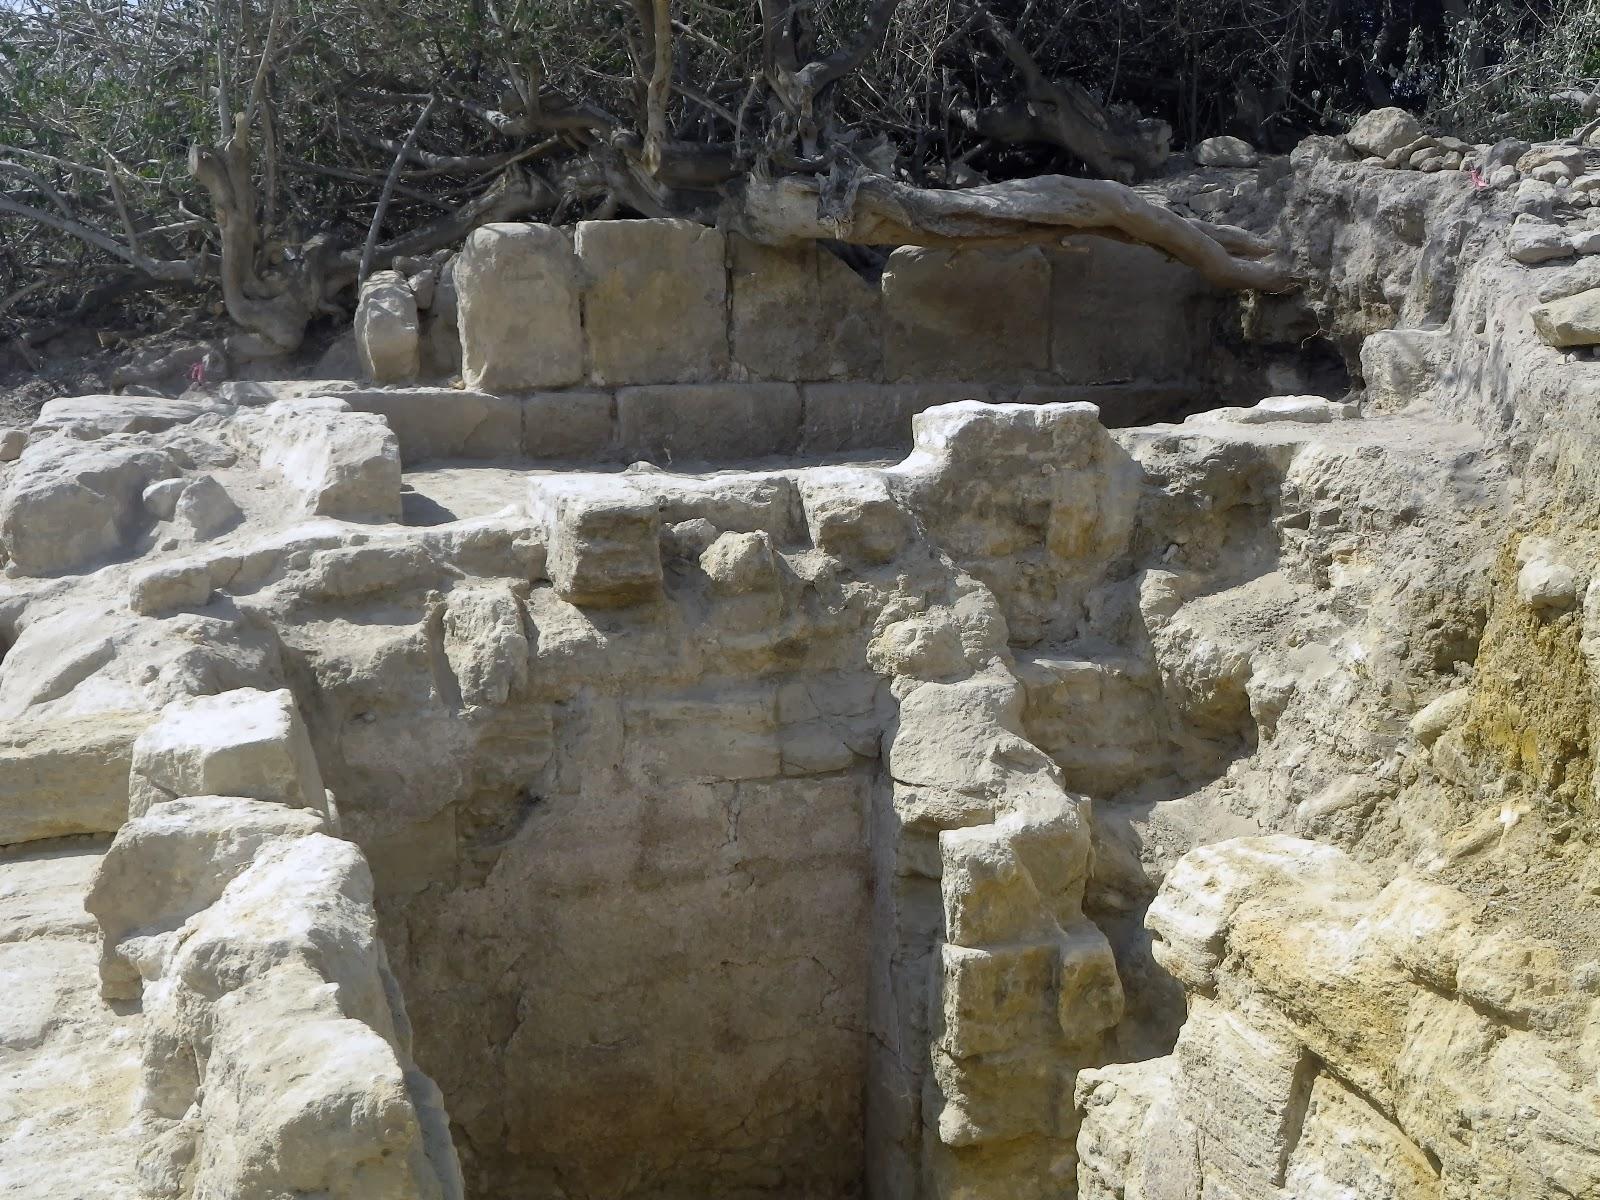 Start of Season 9 of Tall el-Hammam Excavation